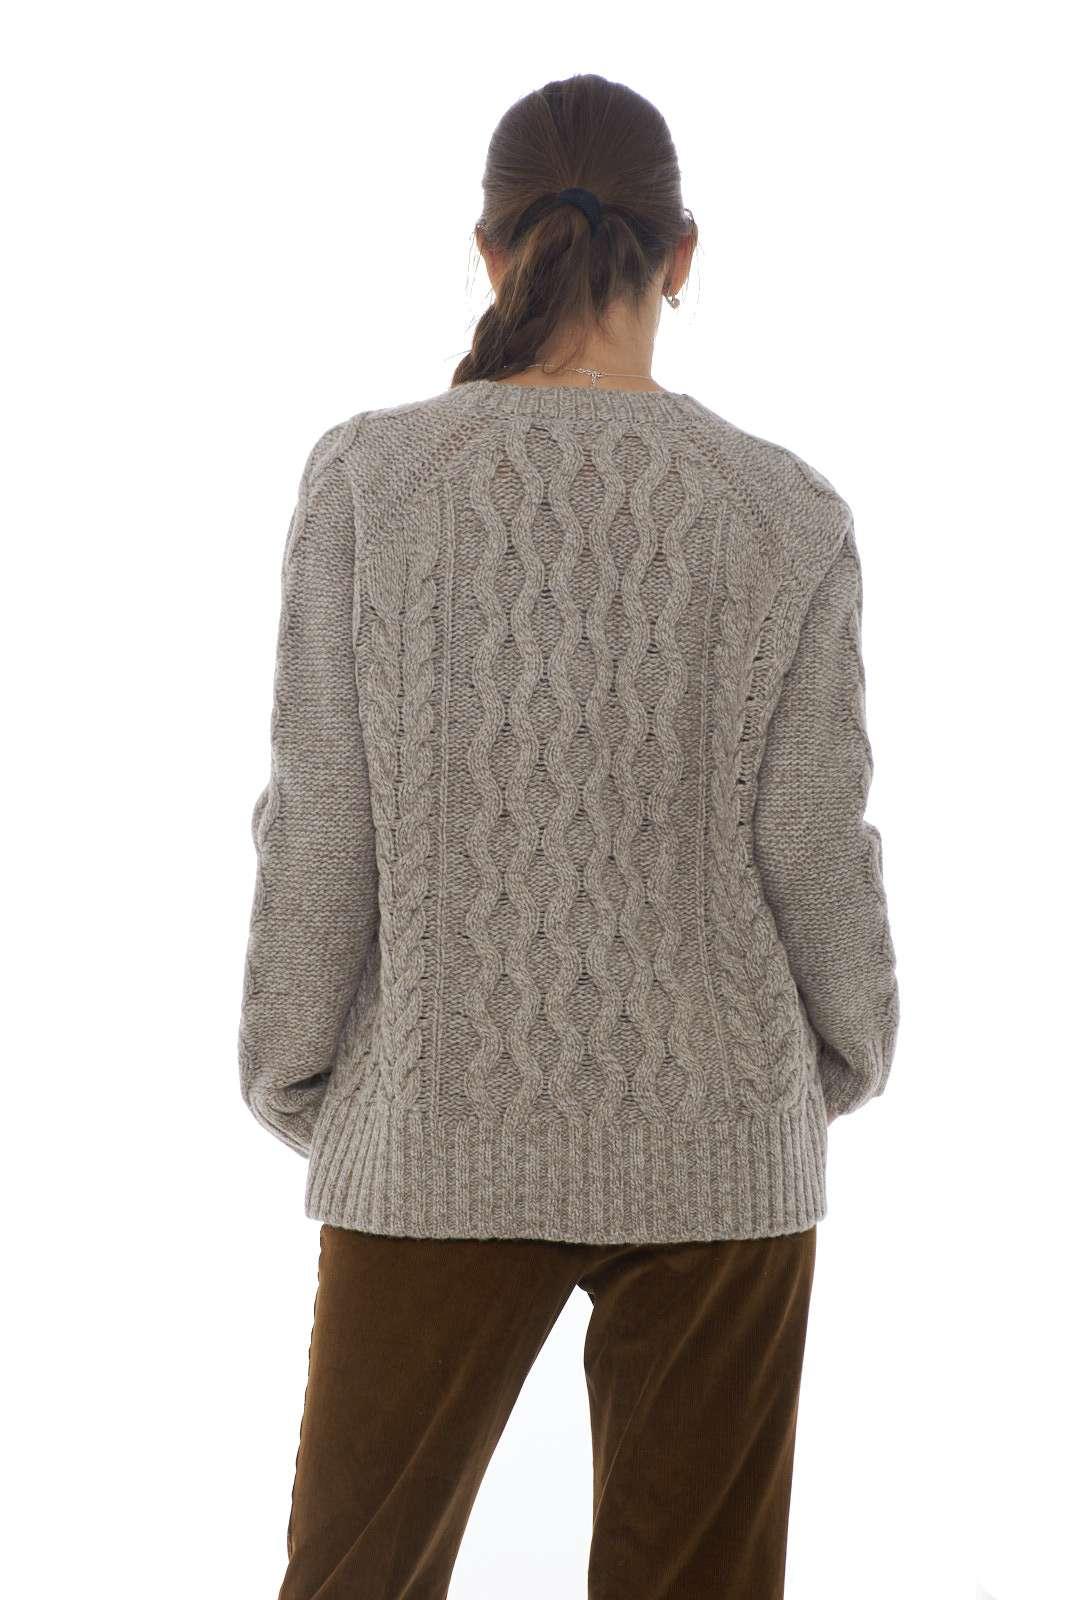 https://www.parmax.com/media/catalog/product/a/i/AI-outlet_parmax-maglia-donna-MaxMara-53660893-C.jpg